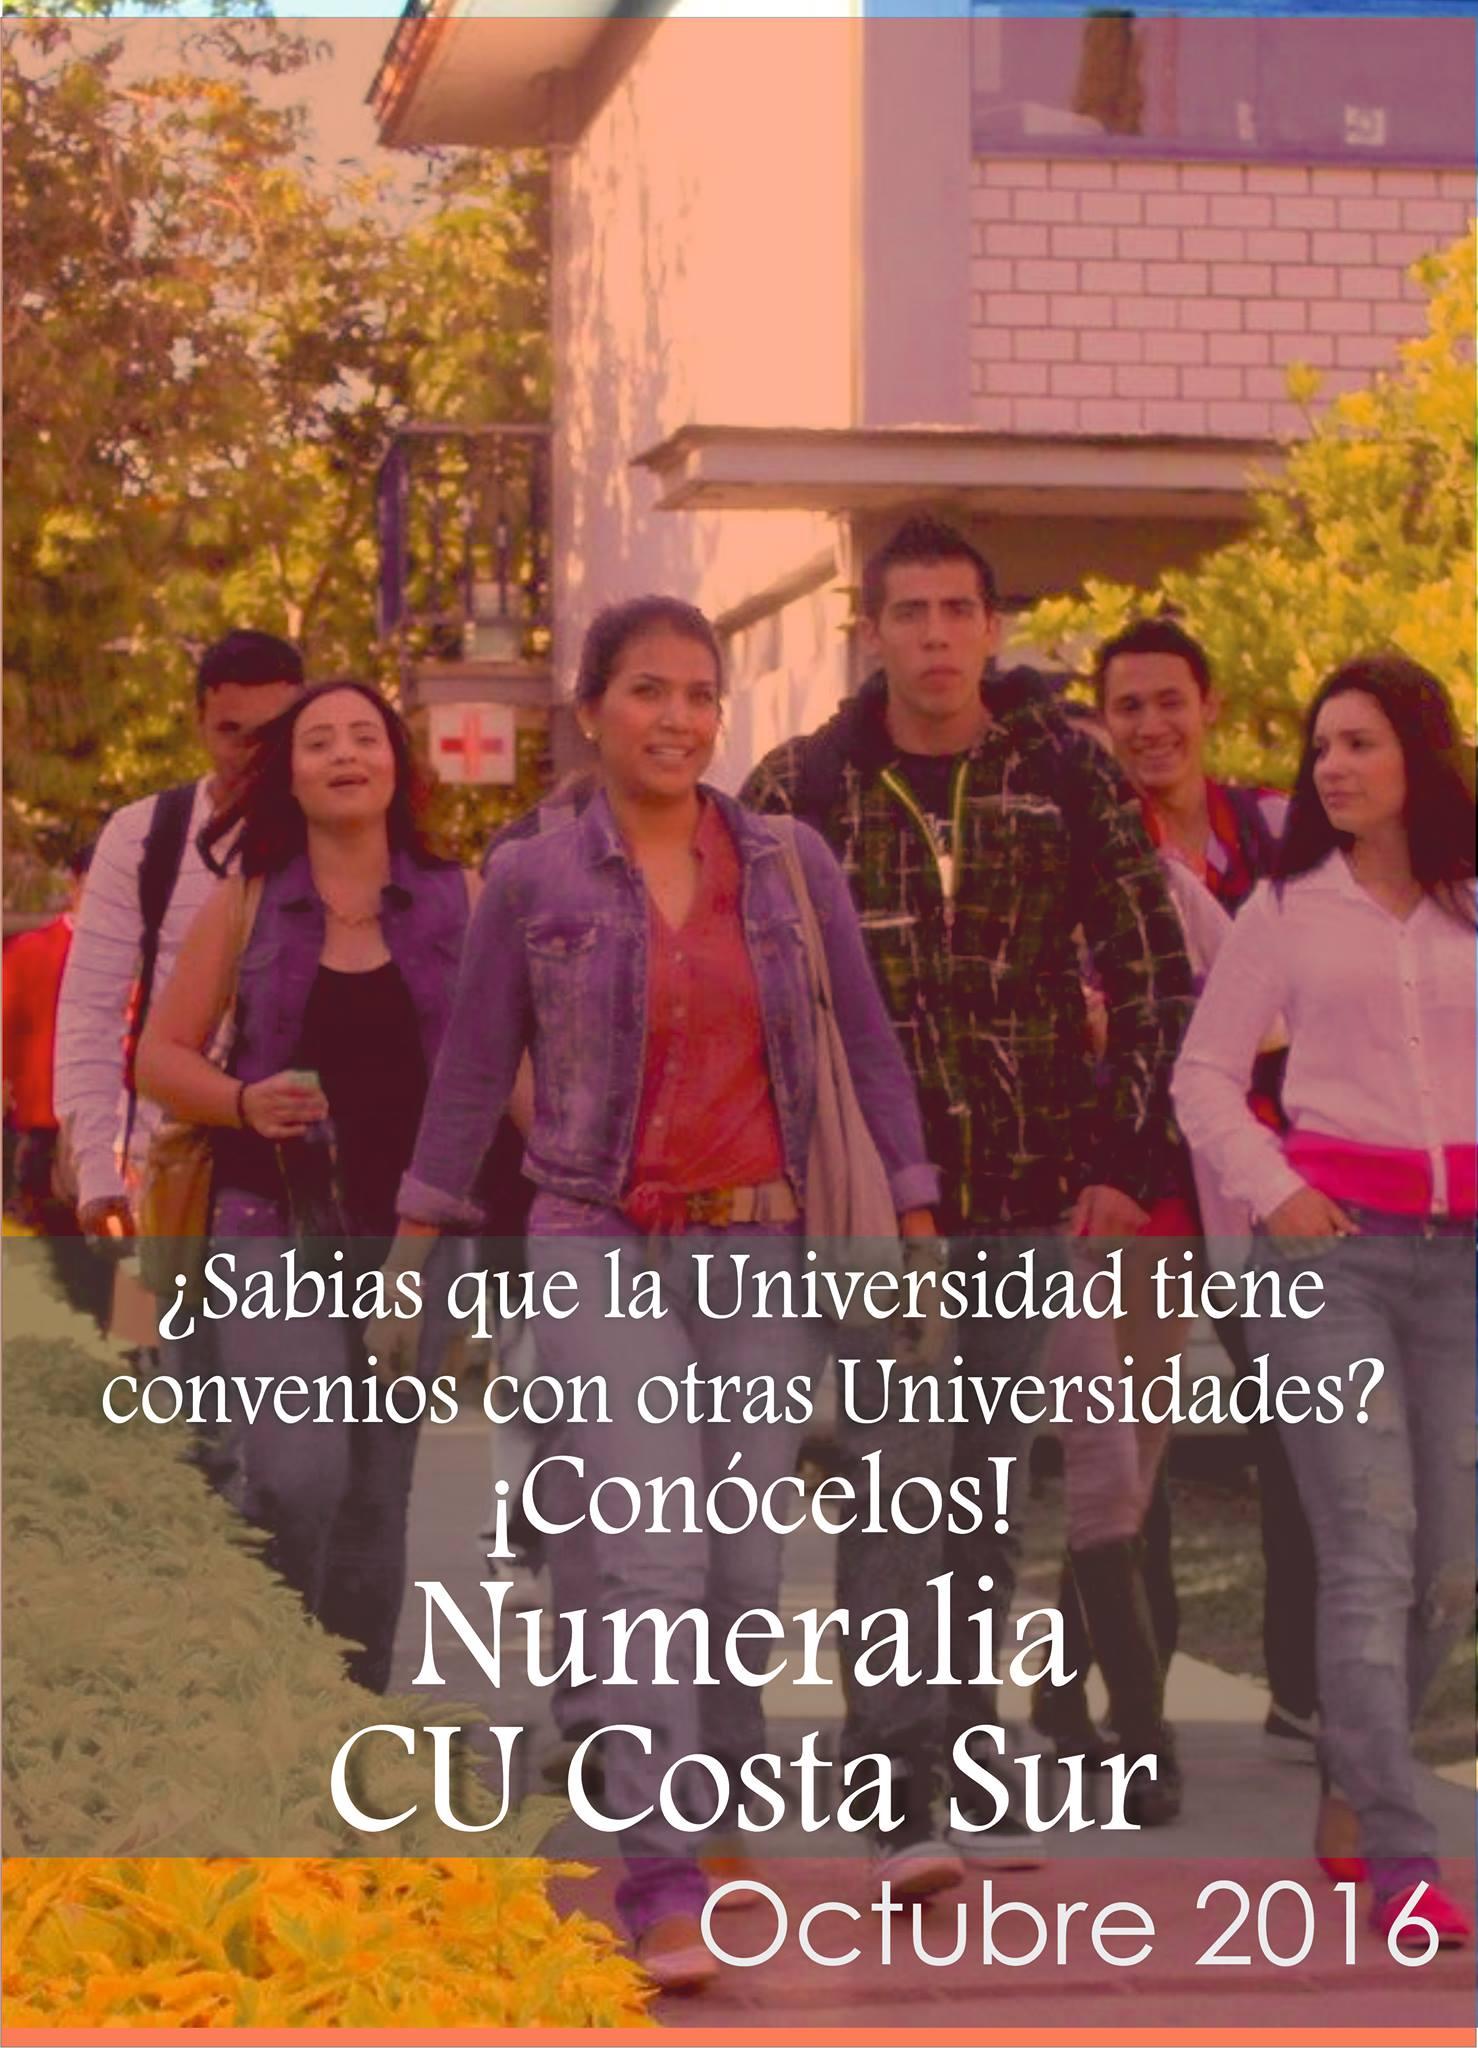 """""""Numeralia"""